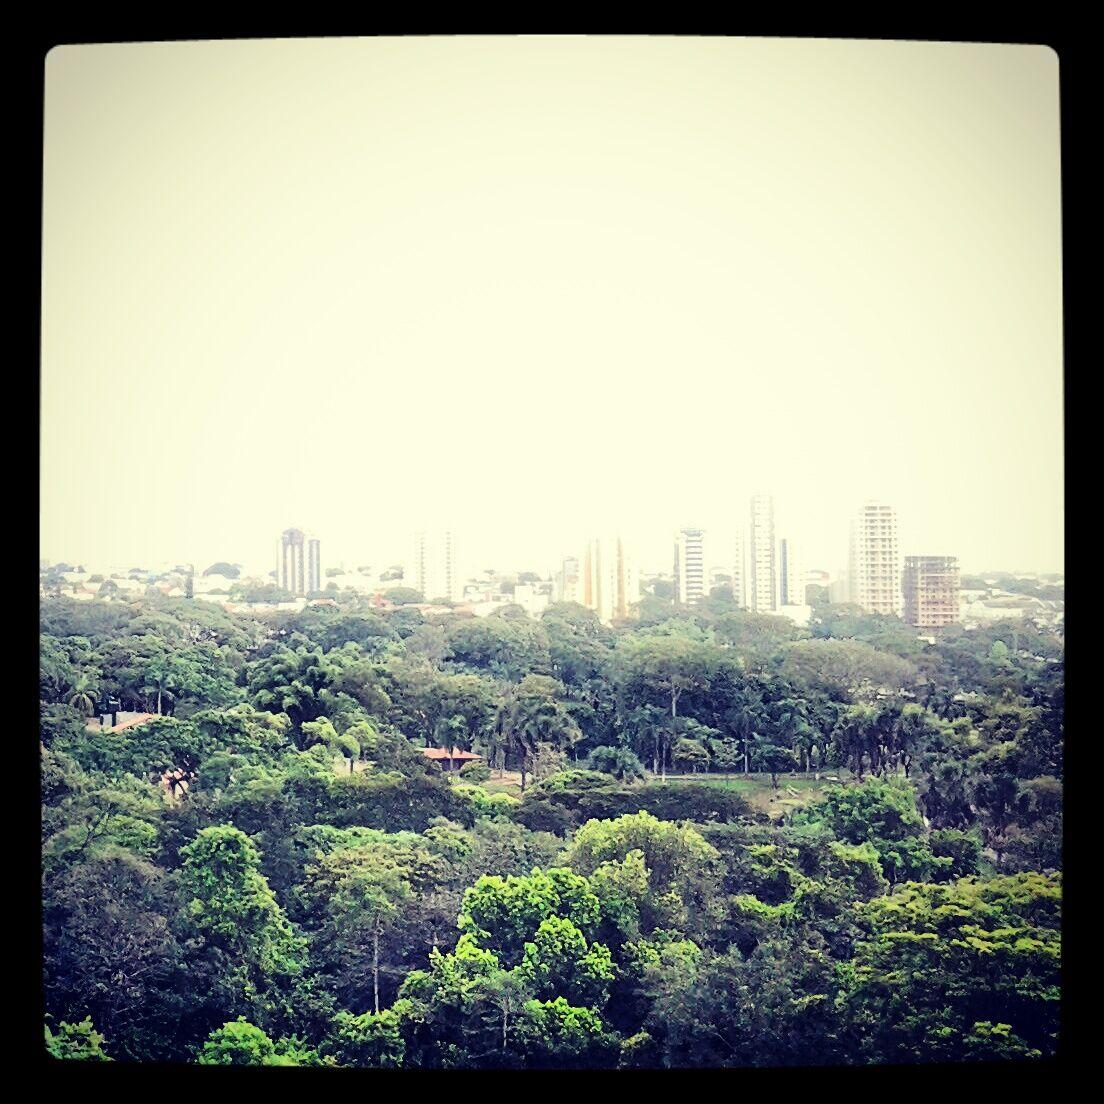 Vista de casa - Goiania/GO/Brasil